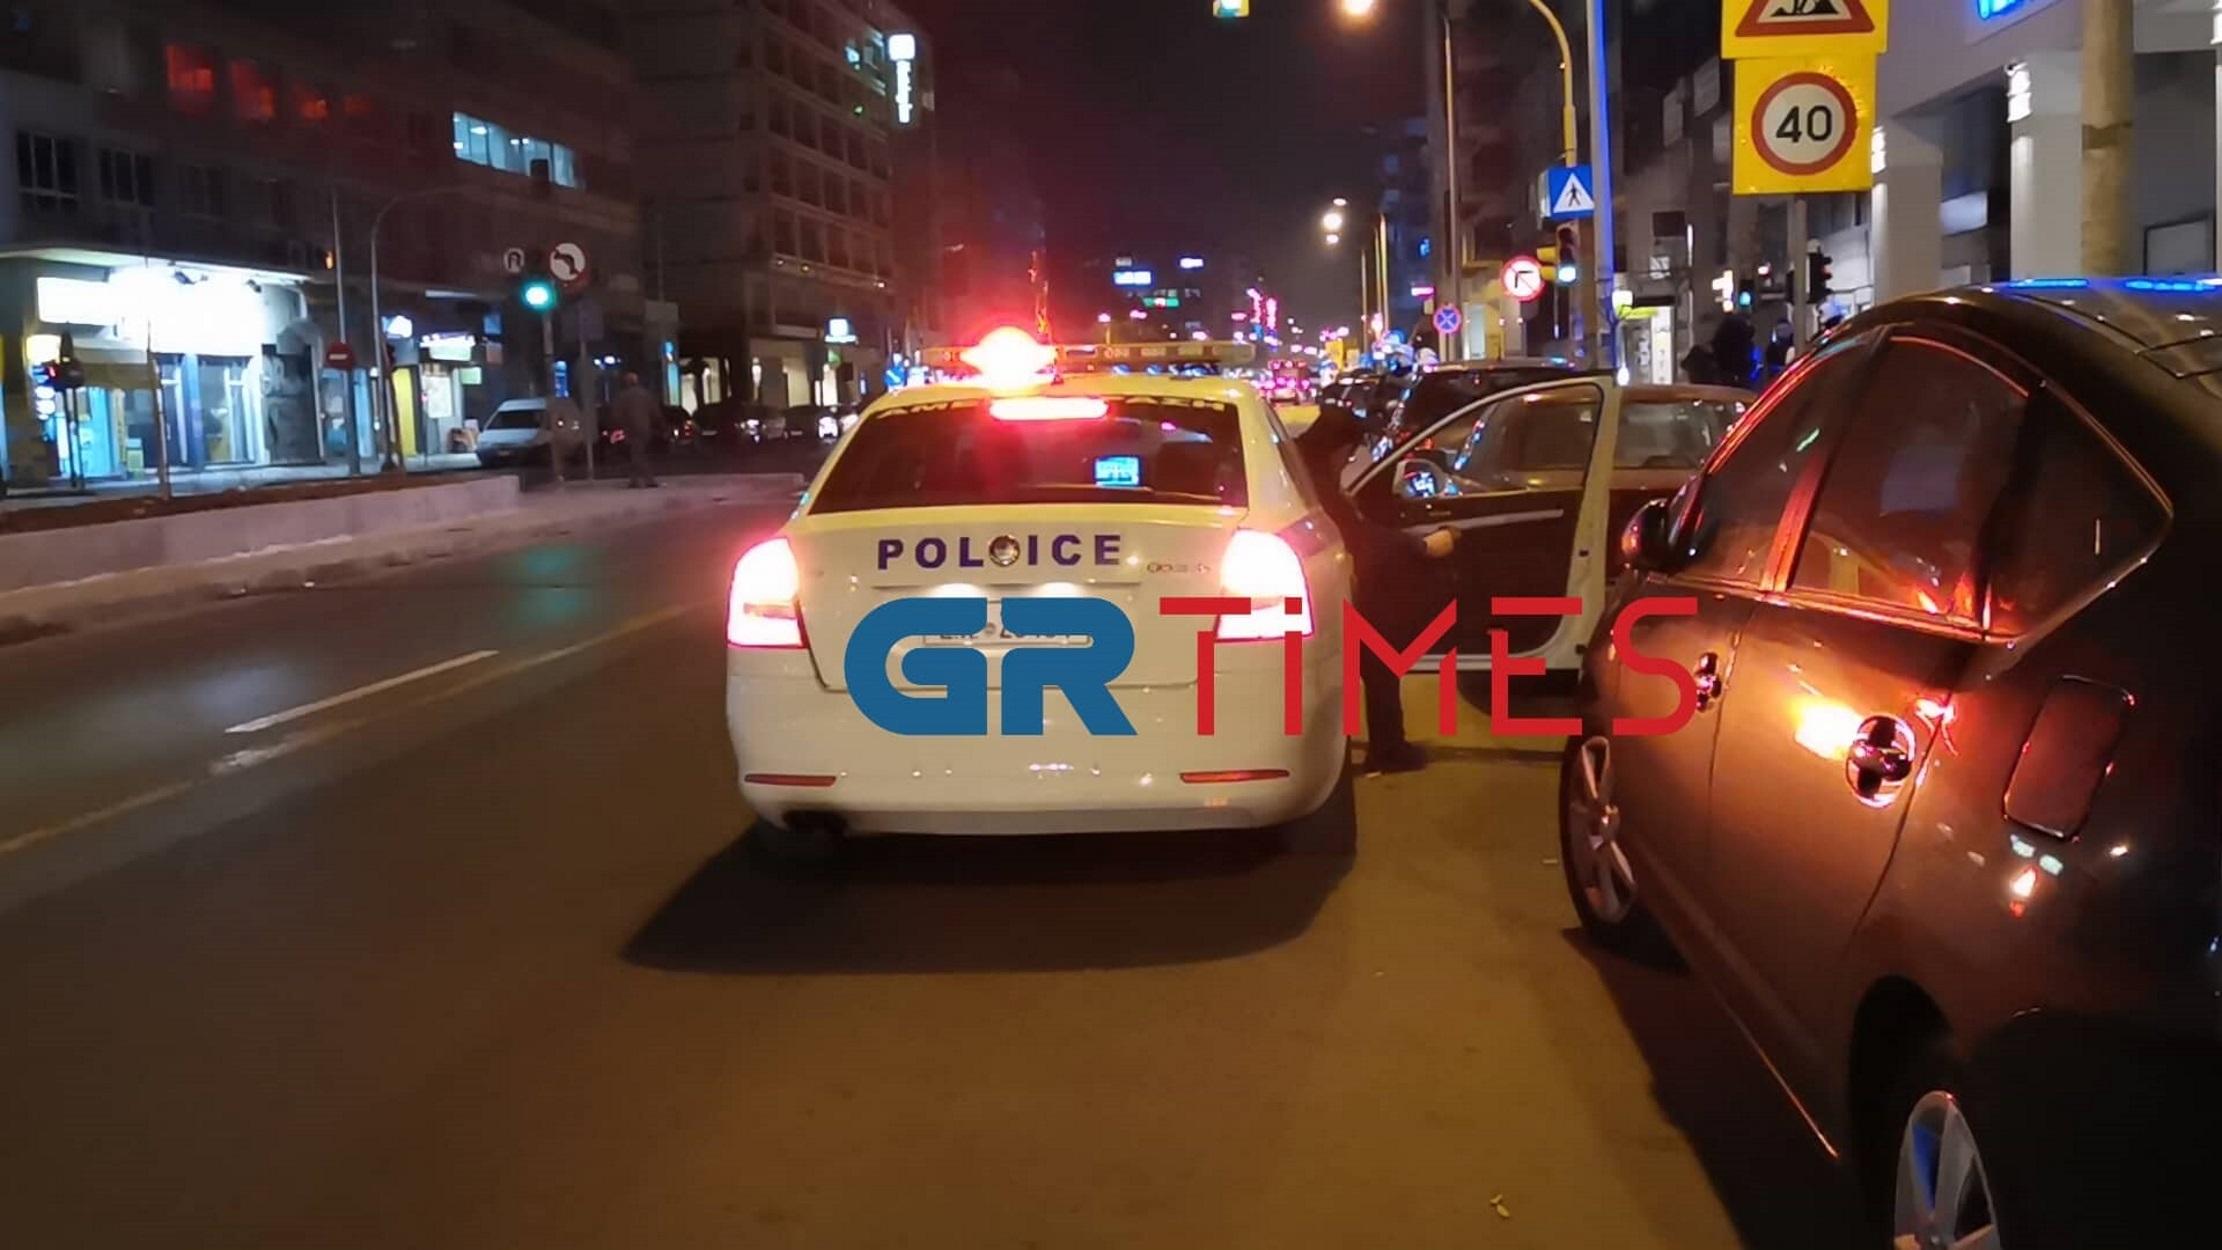 """Αλλοδαποί """"έπαιξαν"""" άγριο ξύλο στο κέντρο της Θεσσαλονίκης! video"""